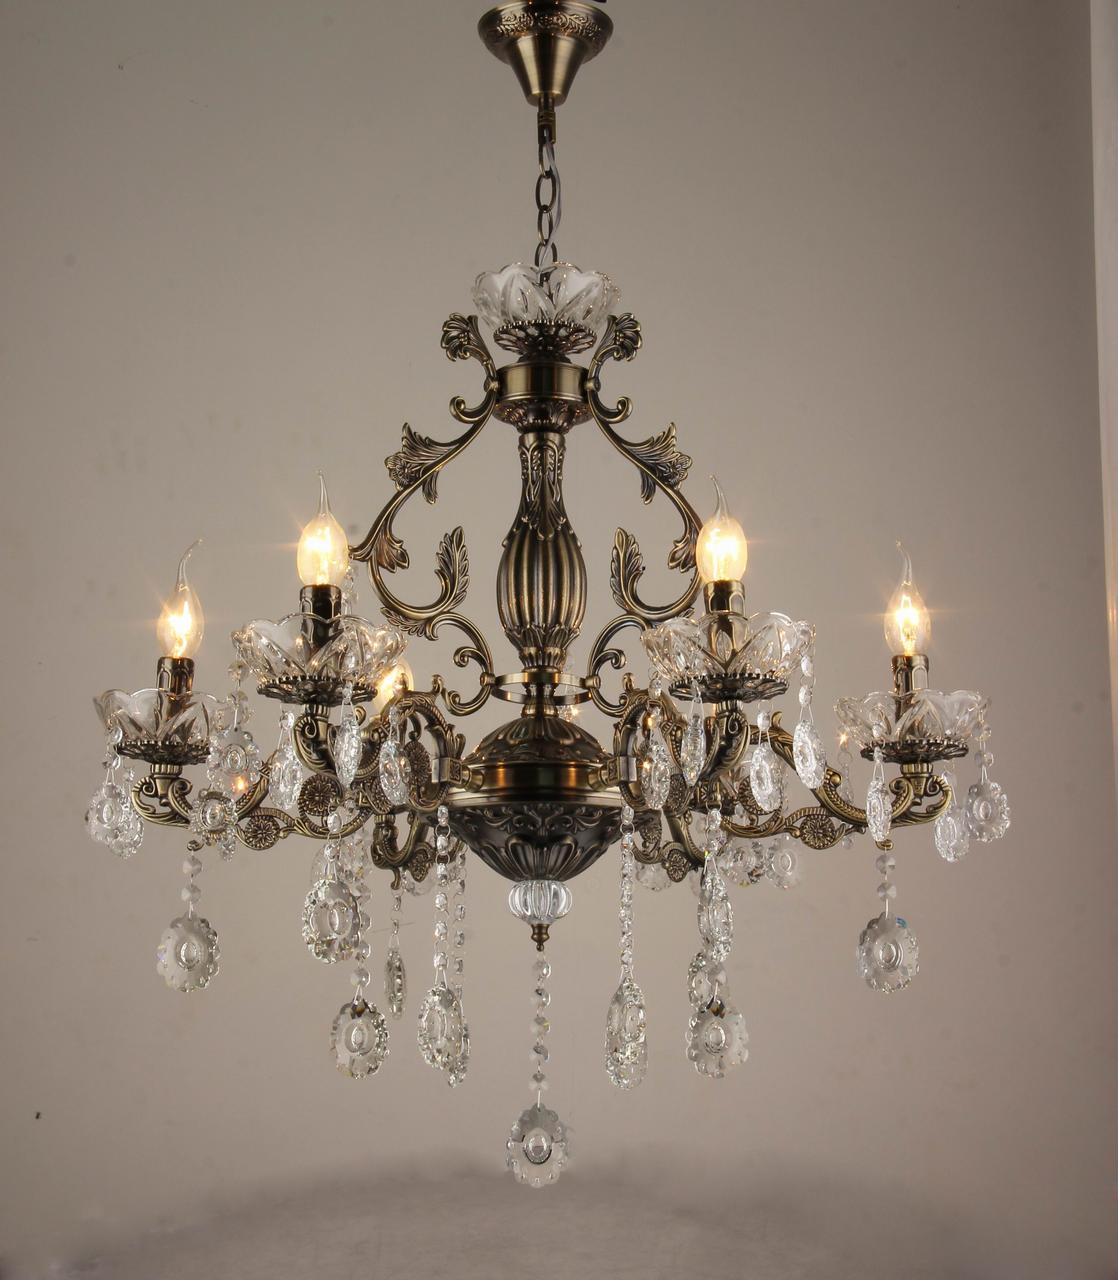 Люстра хрустальная на 6 лампочек бронза 3-N3030/6 AB